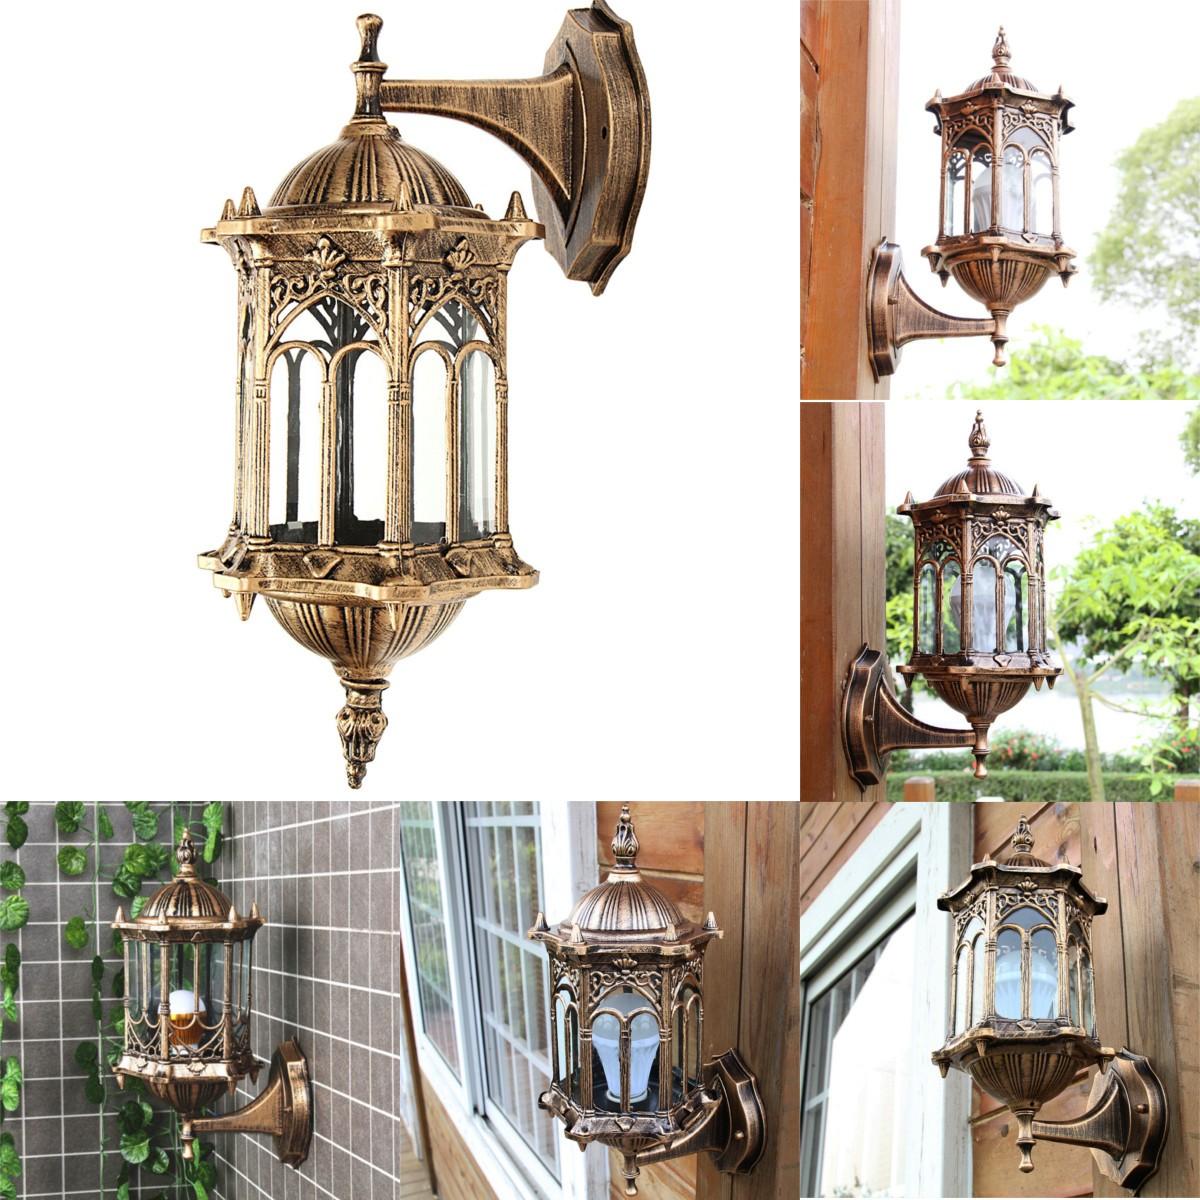 Outdoor Bronze Antique Exterior Wall Light Fixture Aluminum Glass Lantern Garden Lamp